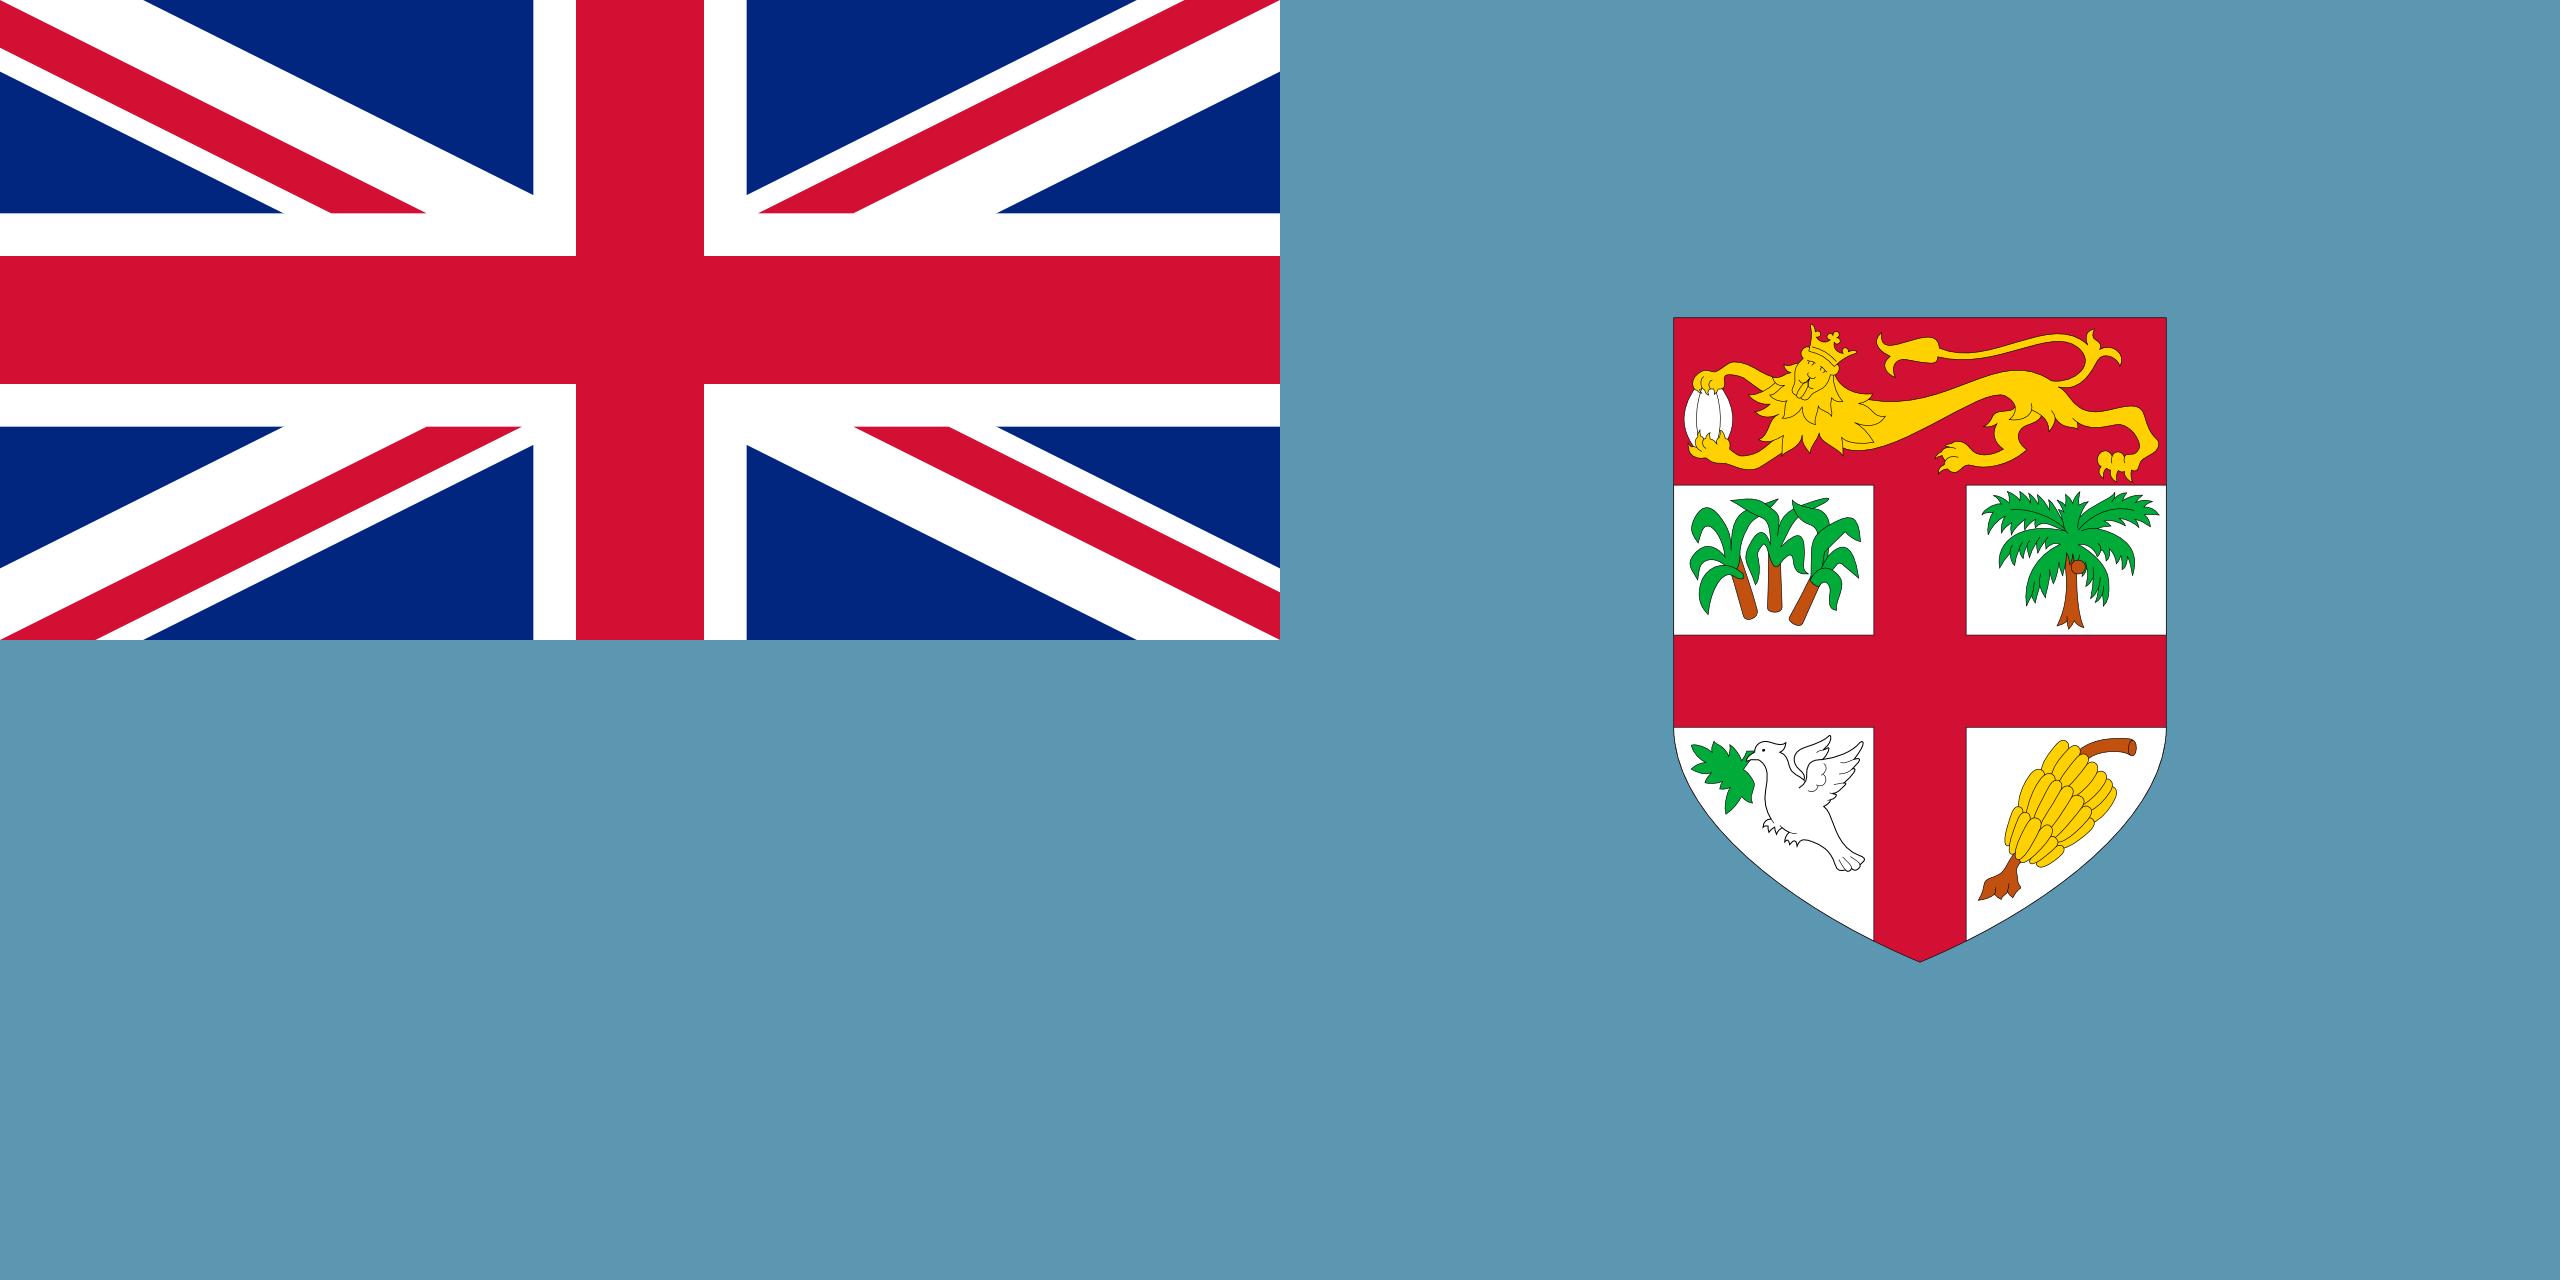 fiyi, Land, Emblem, Logo, Symbol - Wallpaper HD - Prof.-falken.com